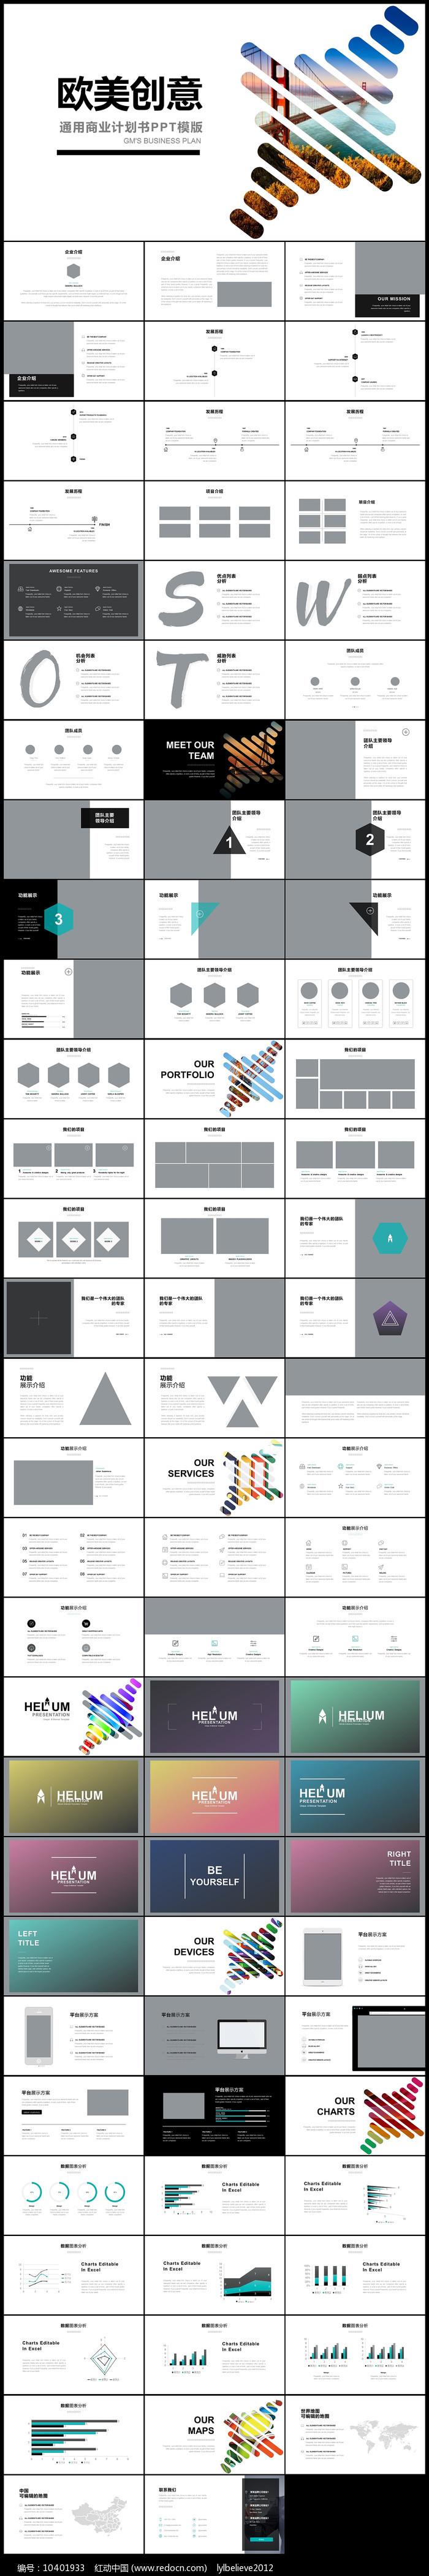 黑色极简风格公司简介欧美版式PPT图片